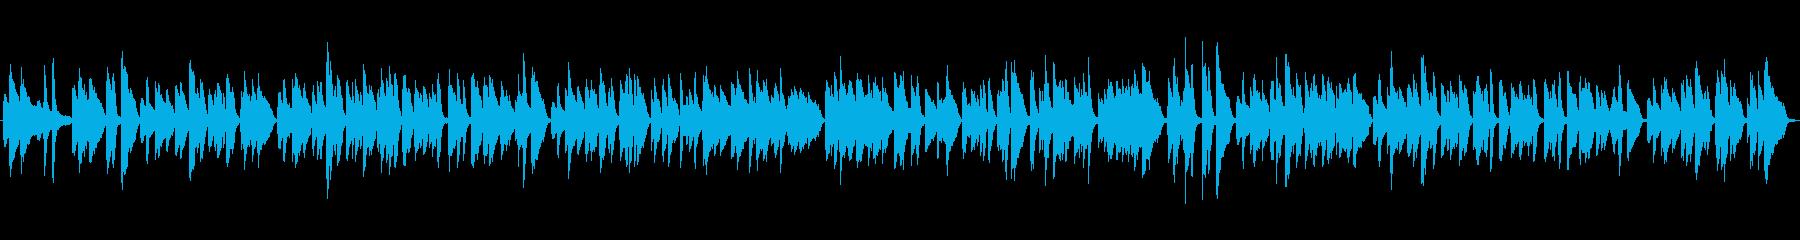 サラサラ ジャズ さわやかな リラ...の再生済みの波形